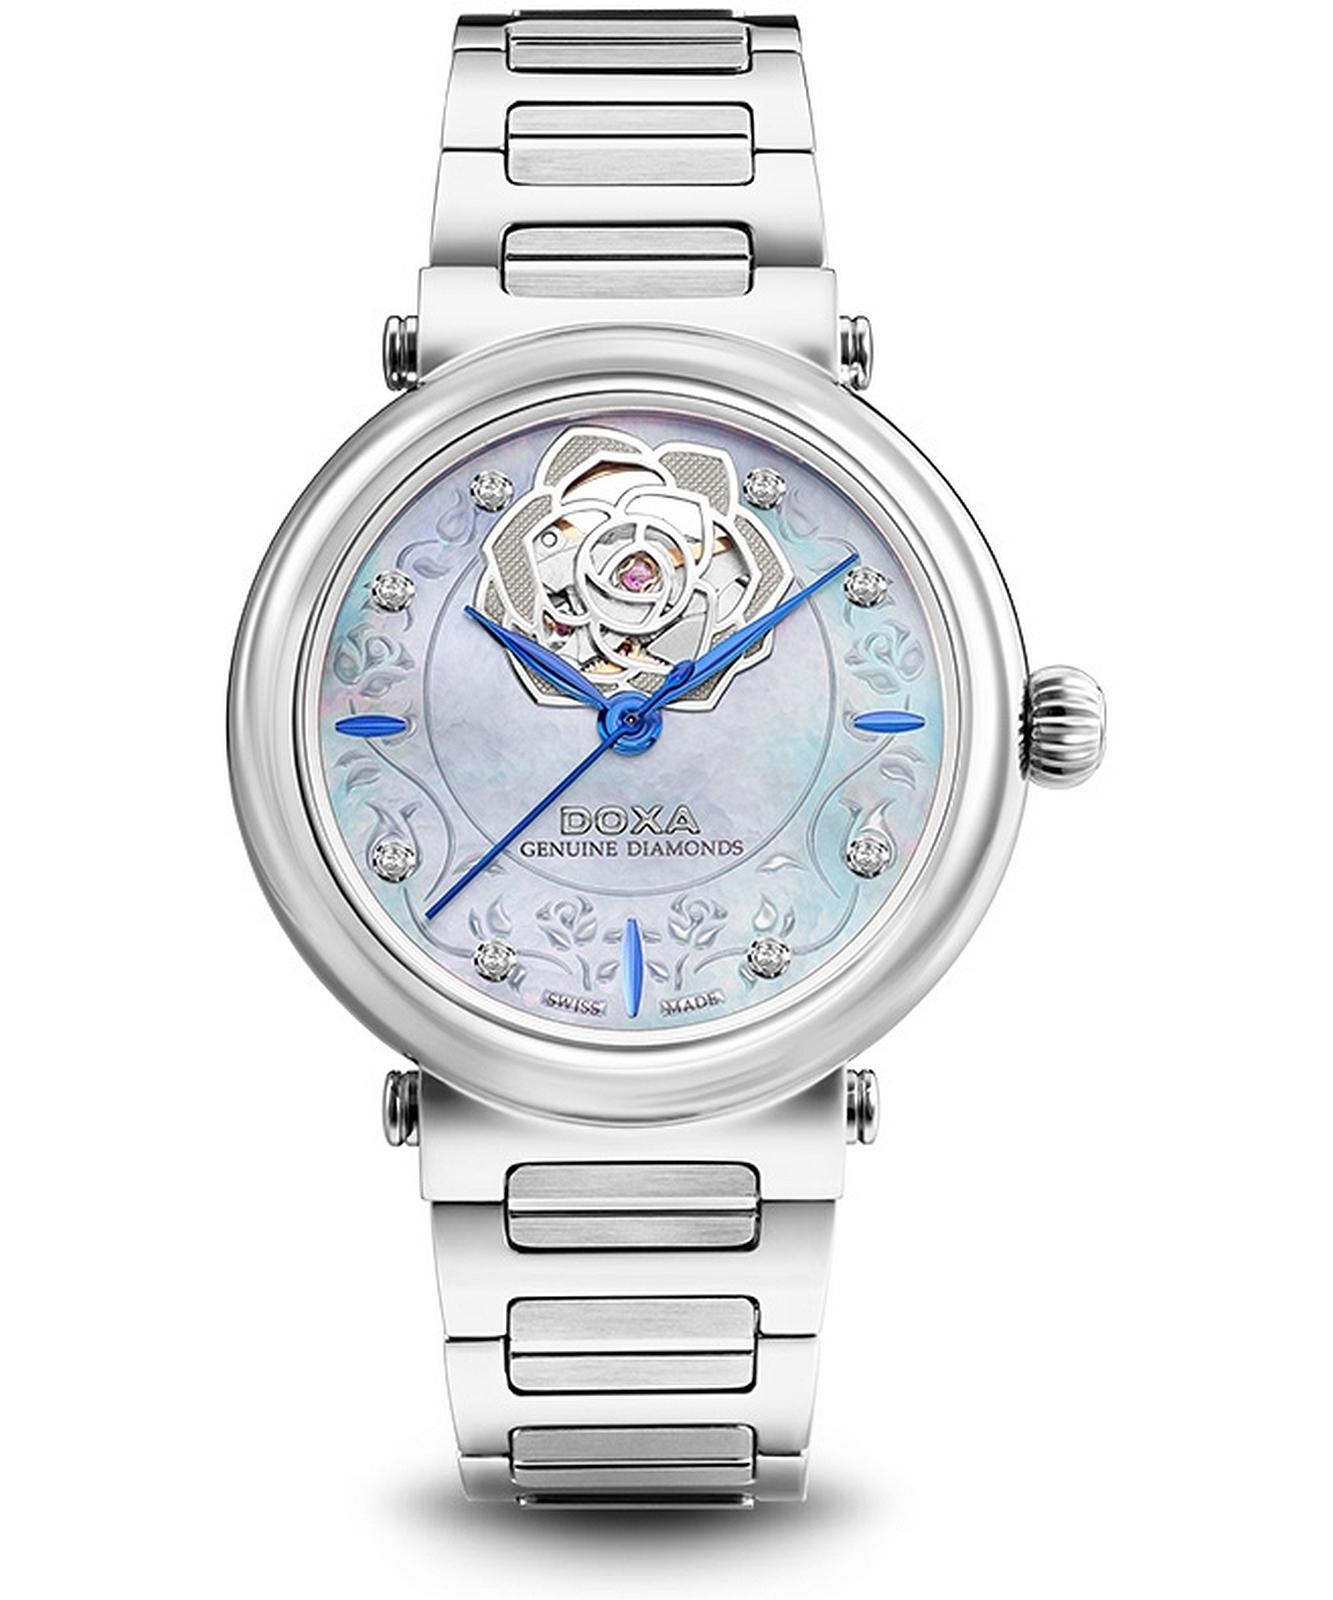 zegarek-damski-doxa-calex-new-lady-genuine-diamonds-automatic-limited-edition-d215sbu